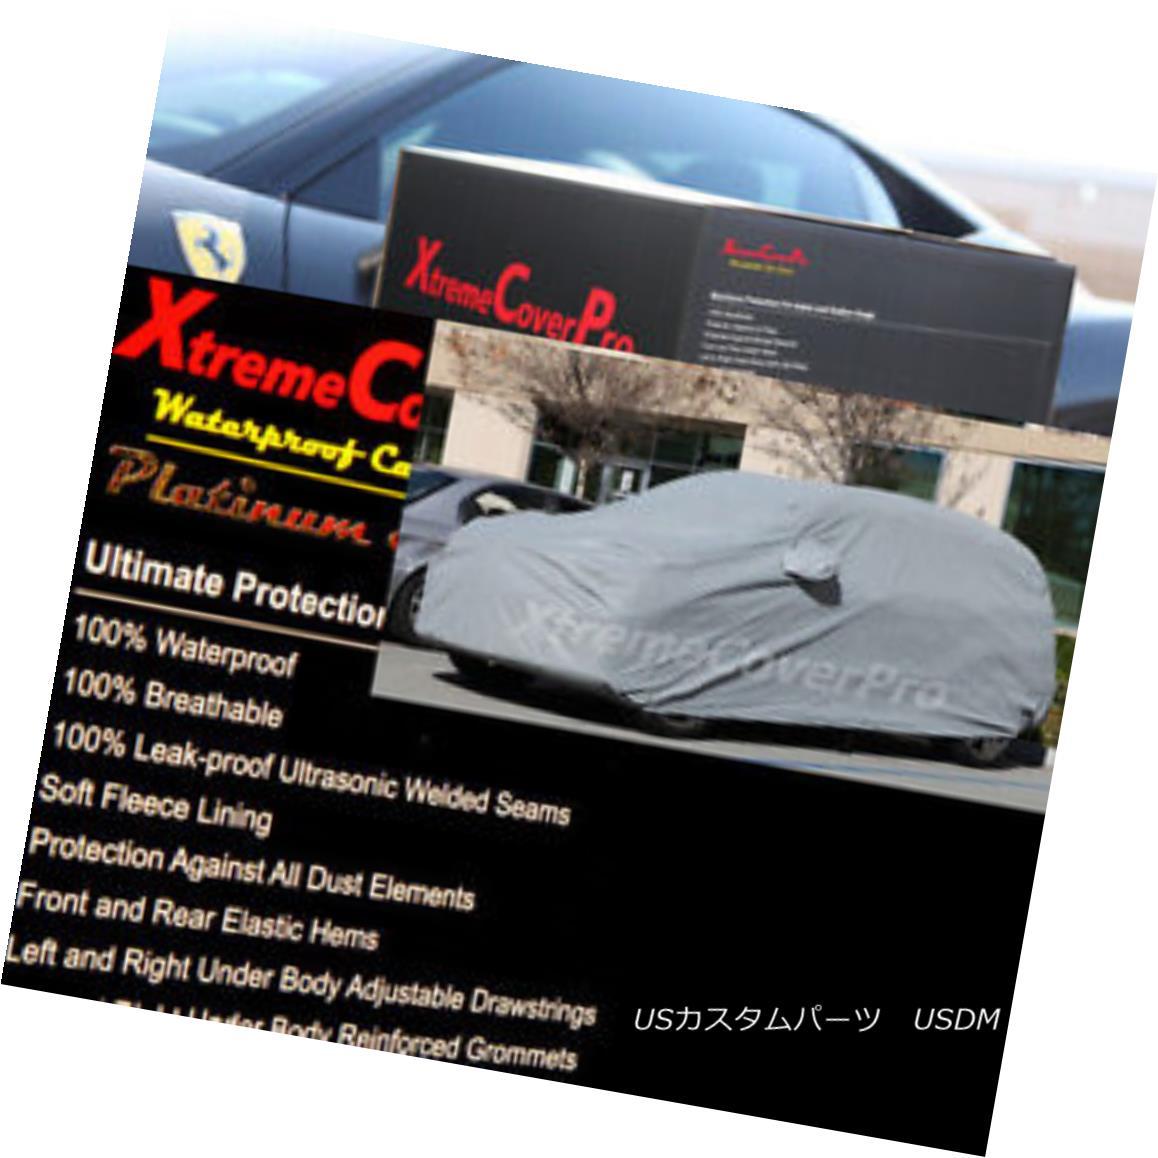 カーカバー 1996 1997 1998 1999 2000 Mitsubishi Montero Waterproof Car Cover w/MirrorPocket 1996 1997 1998 1999 2000 MirrorPocketを装着した三菱モンテーロ防水カーカバー